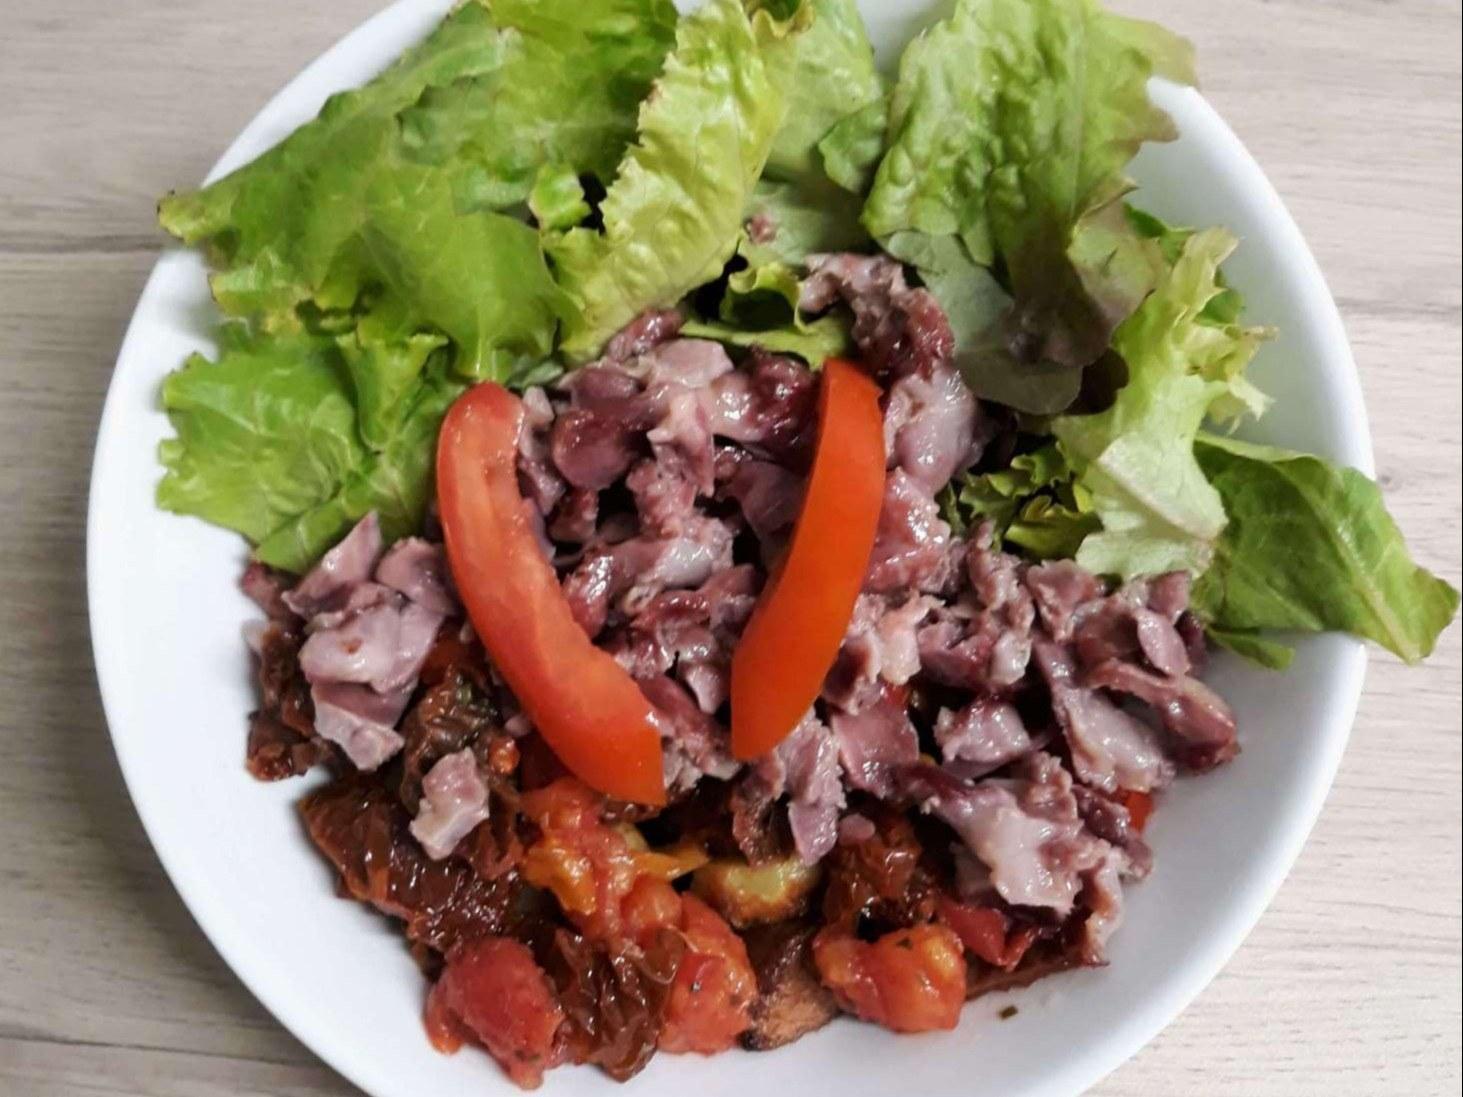 assiette de salade verte et gésiers avec pomme de terres rissolées Chez Toto à Meslay-du-Maine met à votre disposition une variété de pâtes fraîches à base d'ingrédients frais. Elles sont préparées dans le respect de la tradition italienne.  Nous vous pro